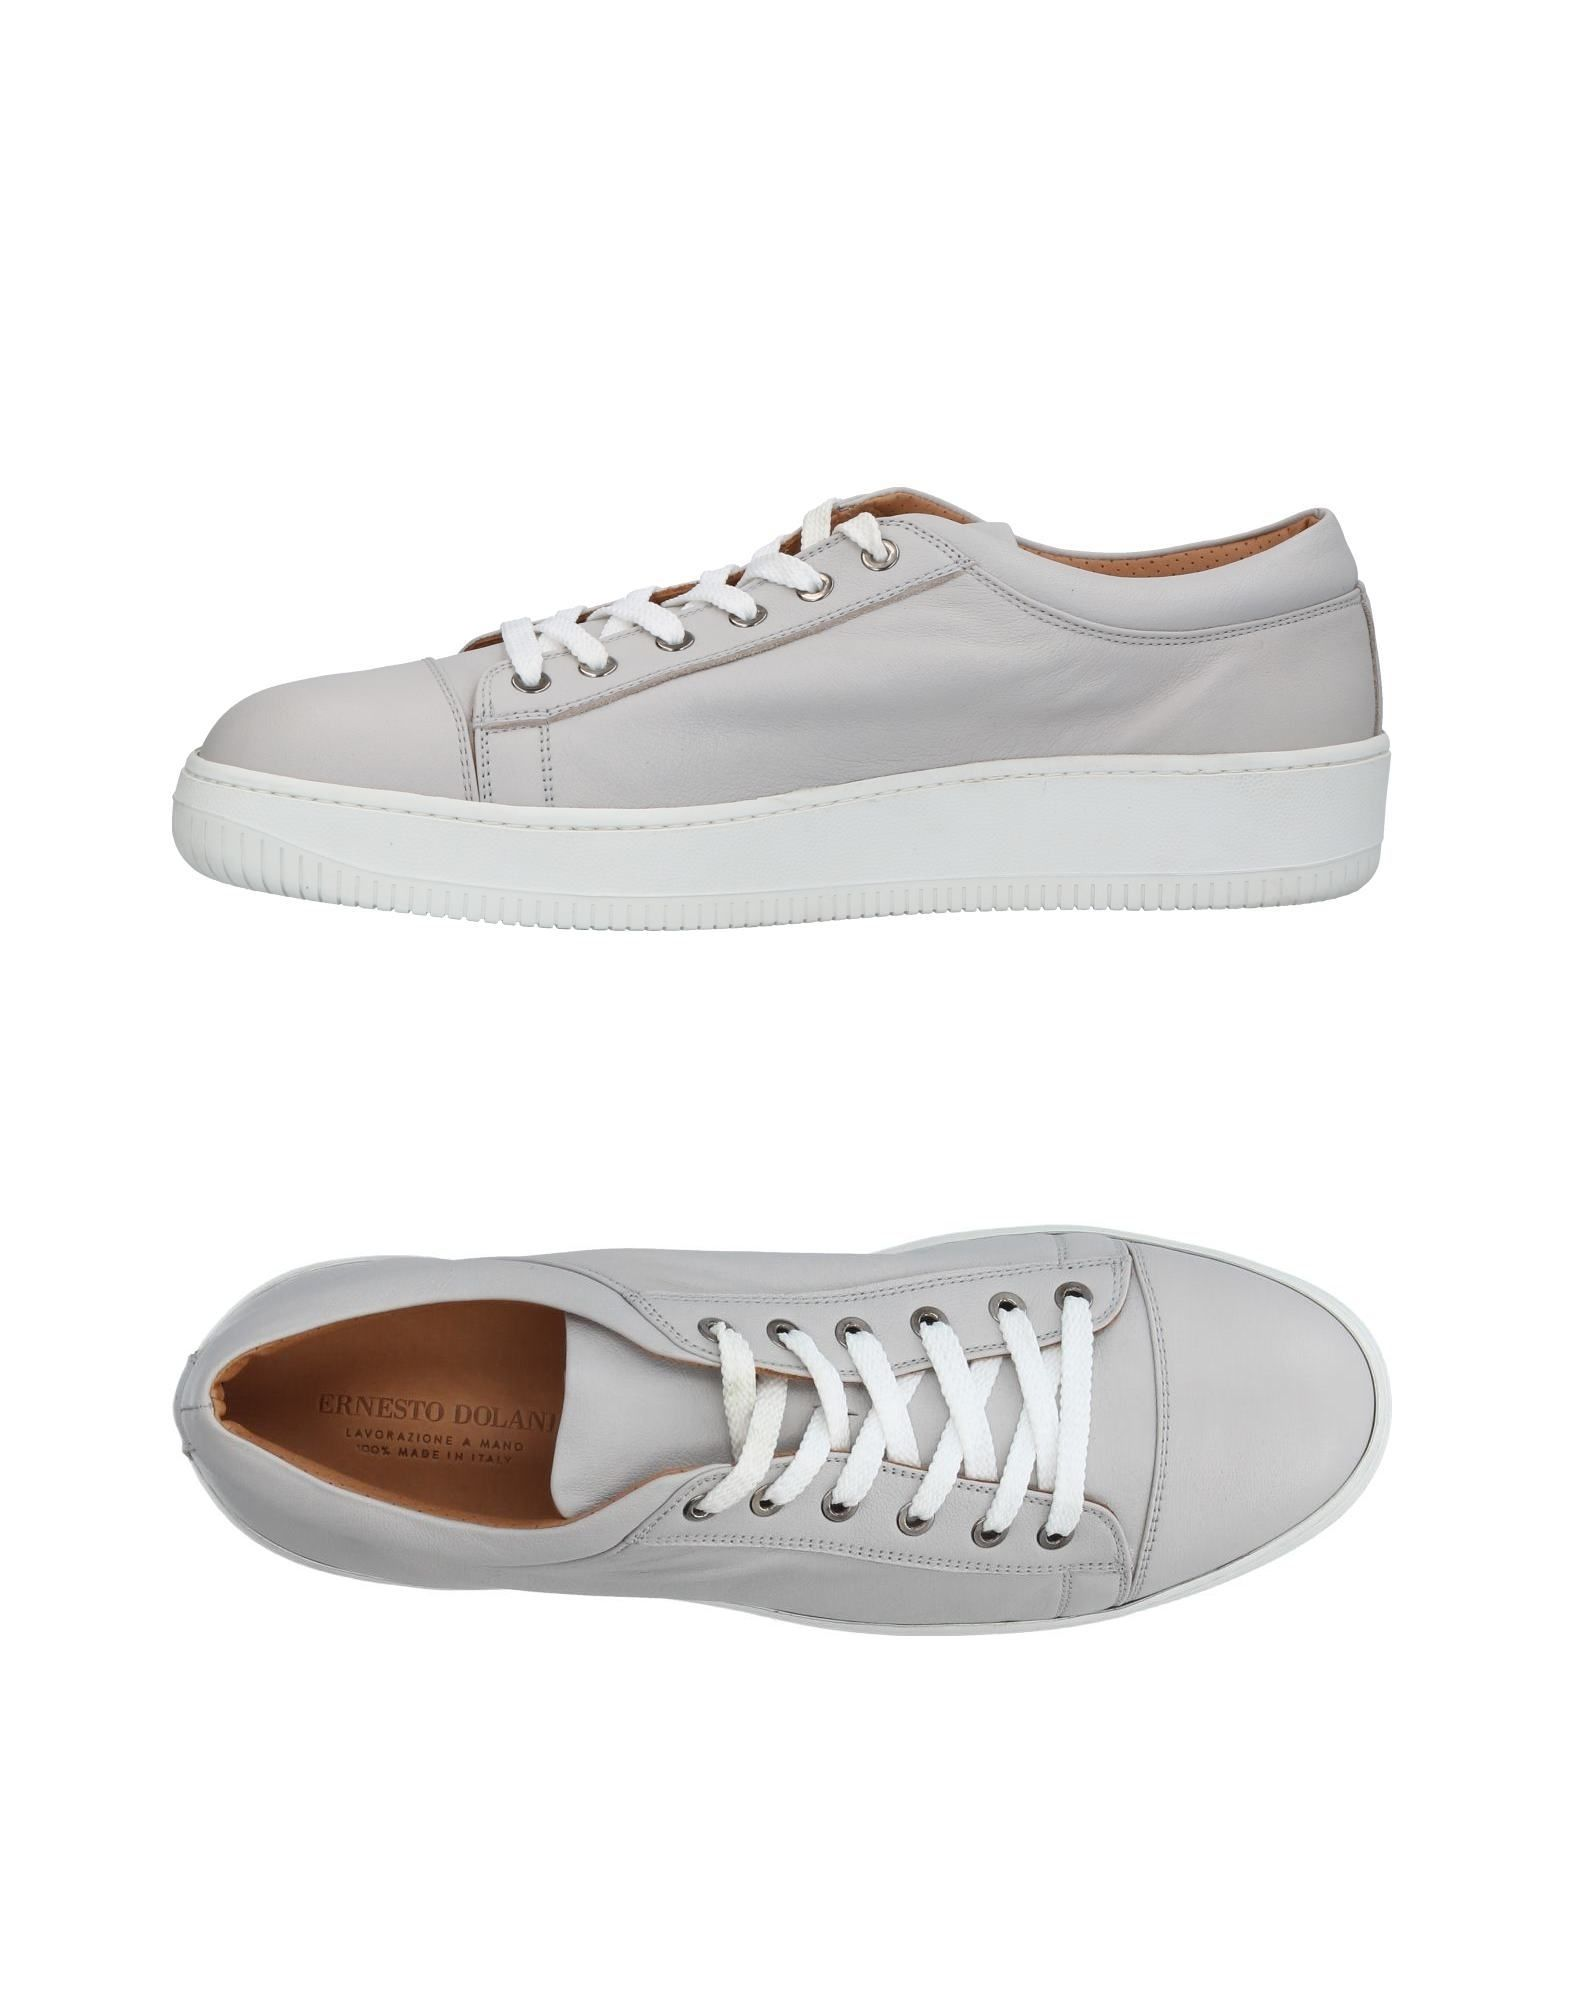 ERNESTO DOLANI Herren Low Sneakers & Tennisschuhe Farbe Hellgrau Größe 15 jetztbilligerkaufen